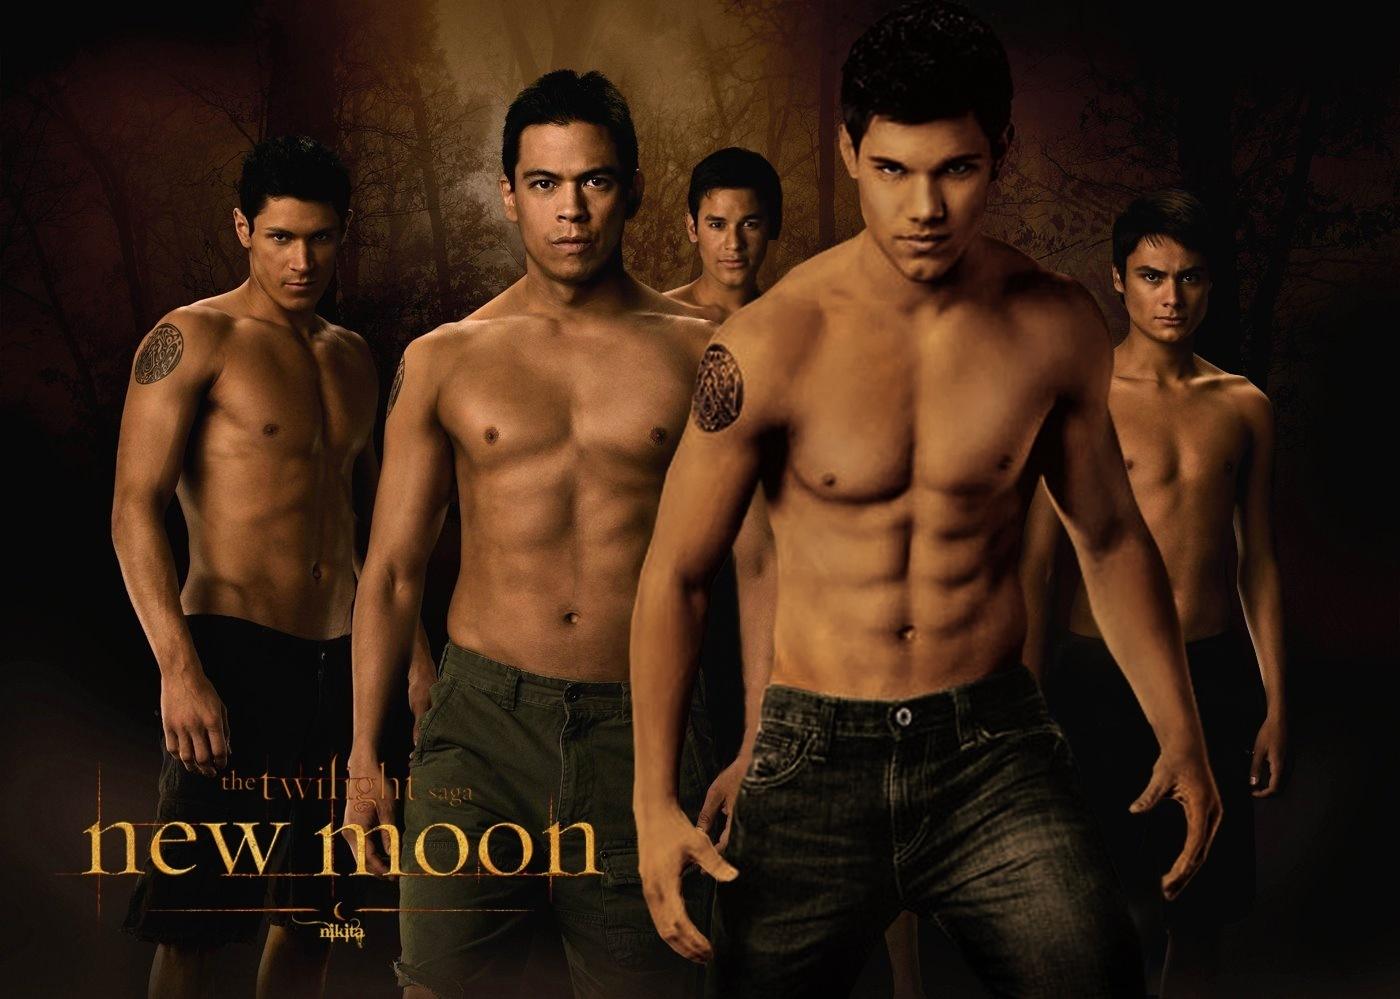 http://2.bp.blogspot.com/-g9L9gkHoBDg/TZ5tKKduSCI/AAAAAAAAADU/vqjQ6TXQyBo/s1600/wolf+pack.jpg